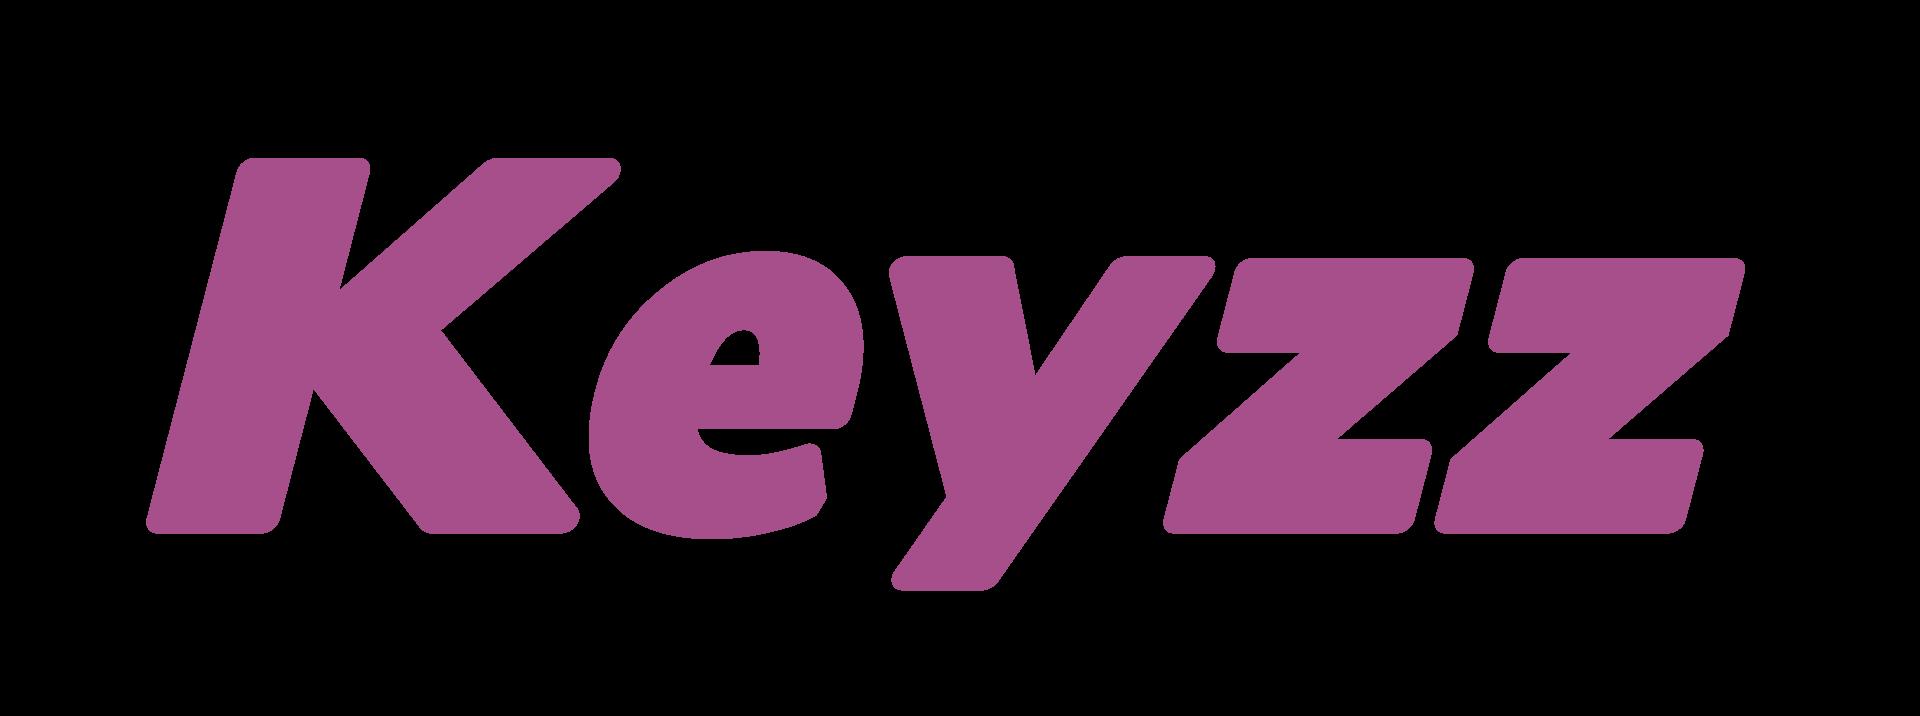 typo_logo_keyzz_pourpre